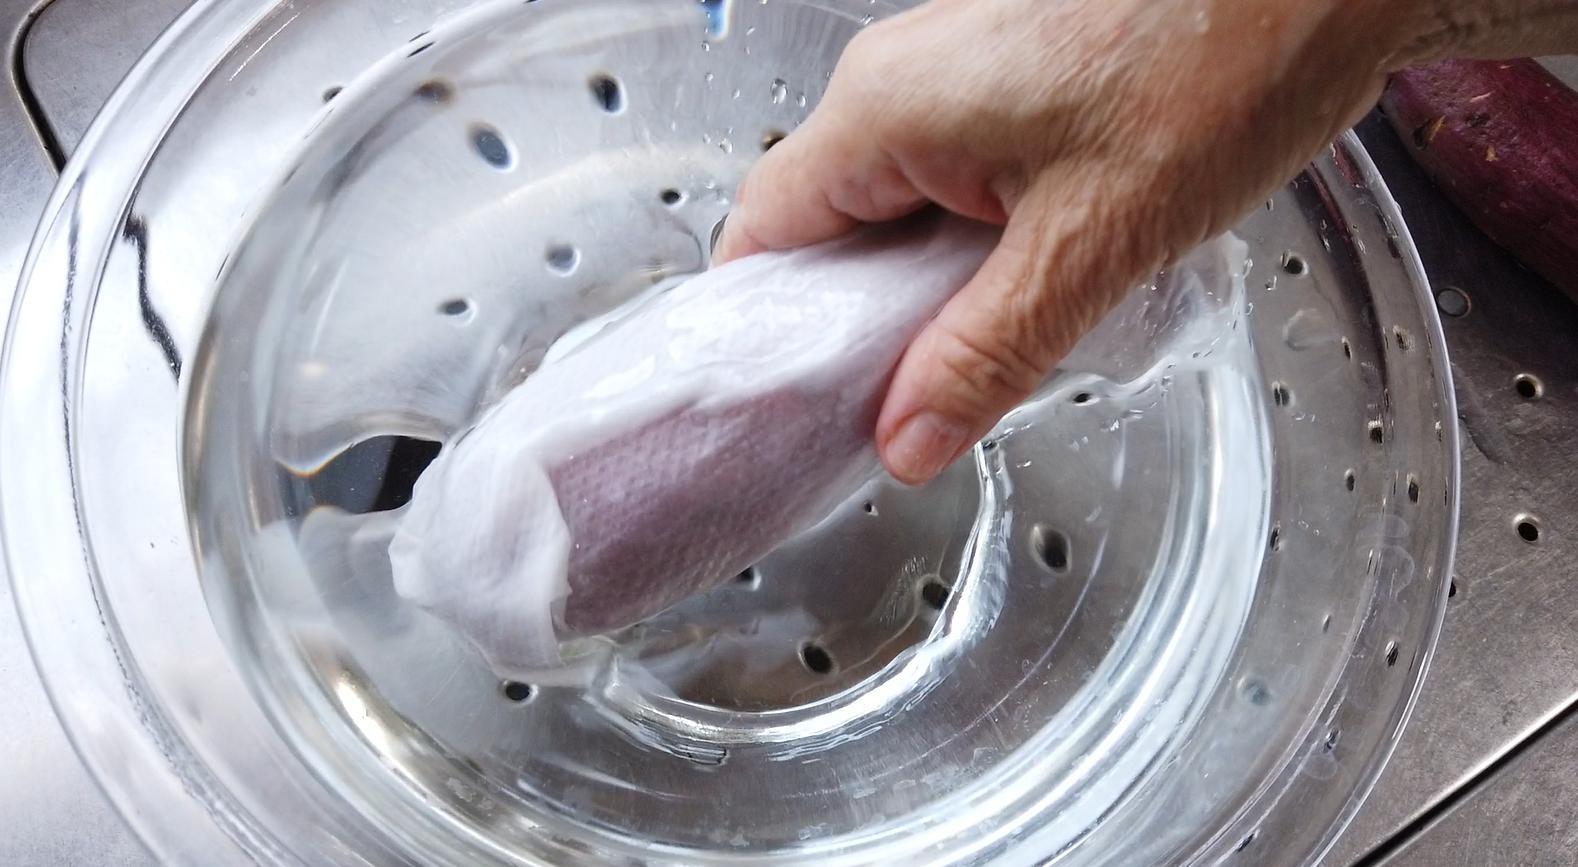 【焼き芋(壺芋)ブリュレレシピ】6.さつま芋を洗ったら、キッチンペーパーを2枚巻きつけ、水に浸します。